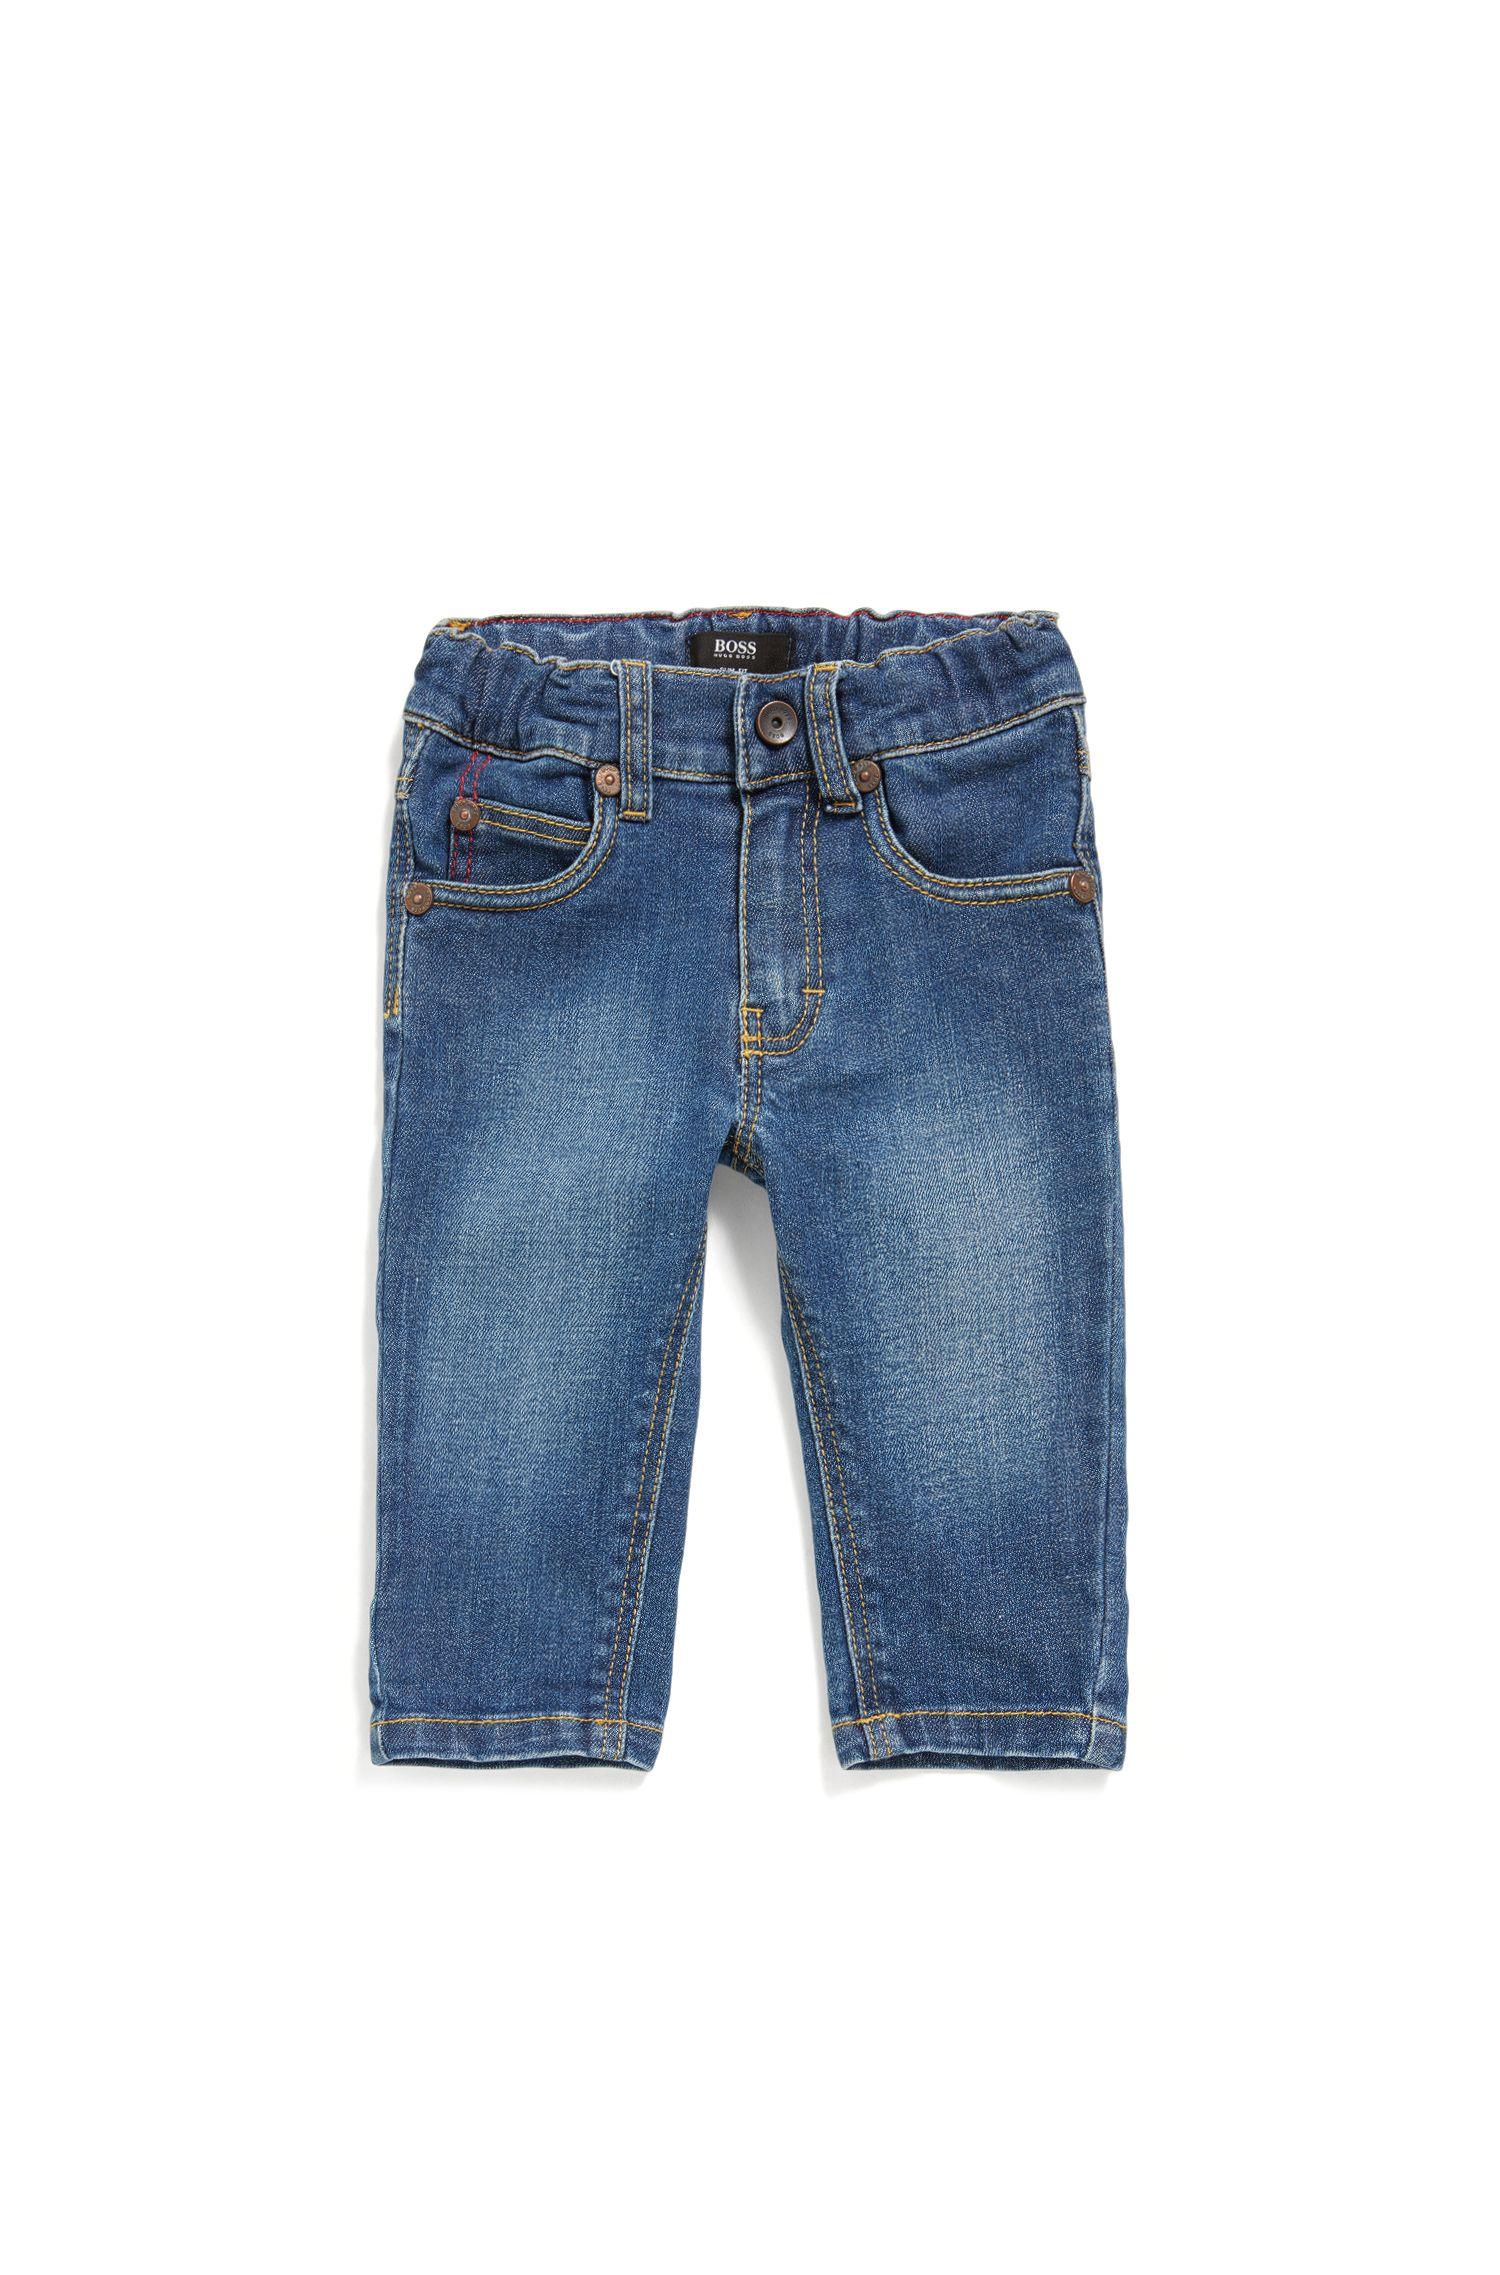 Babyjeans van stretchkatoen in 5-pocket-stijl: 'J04264'